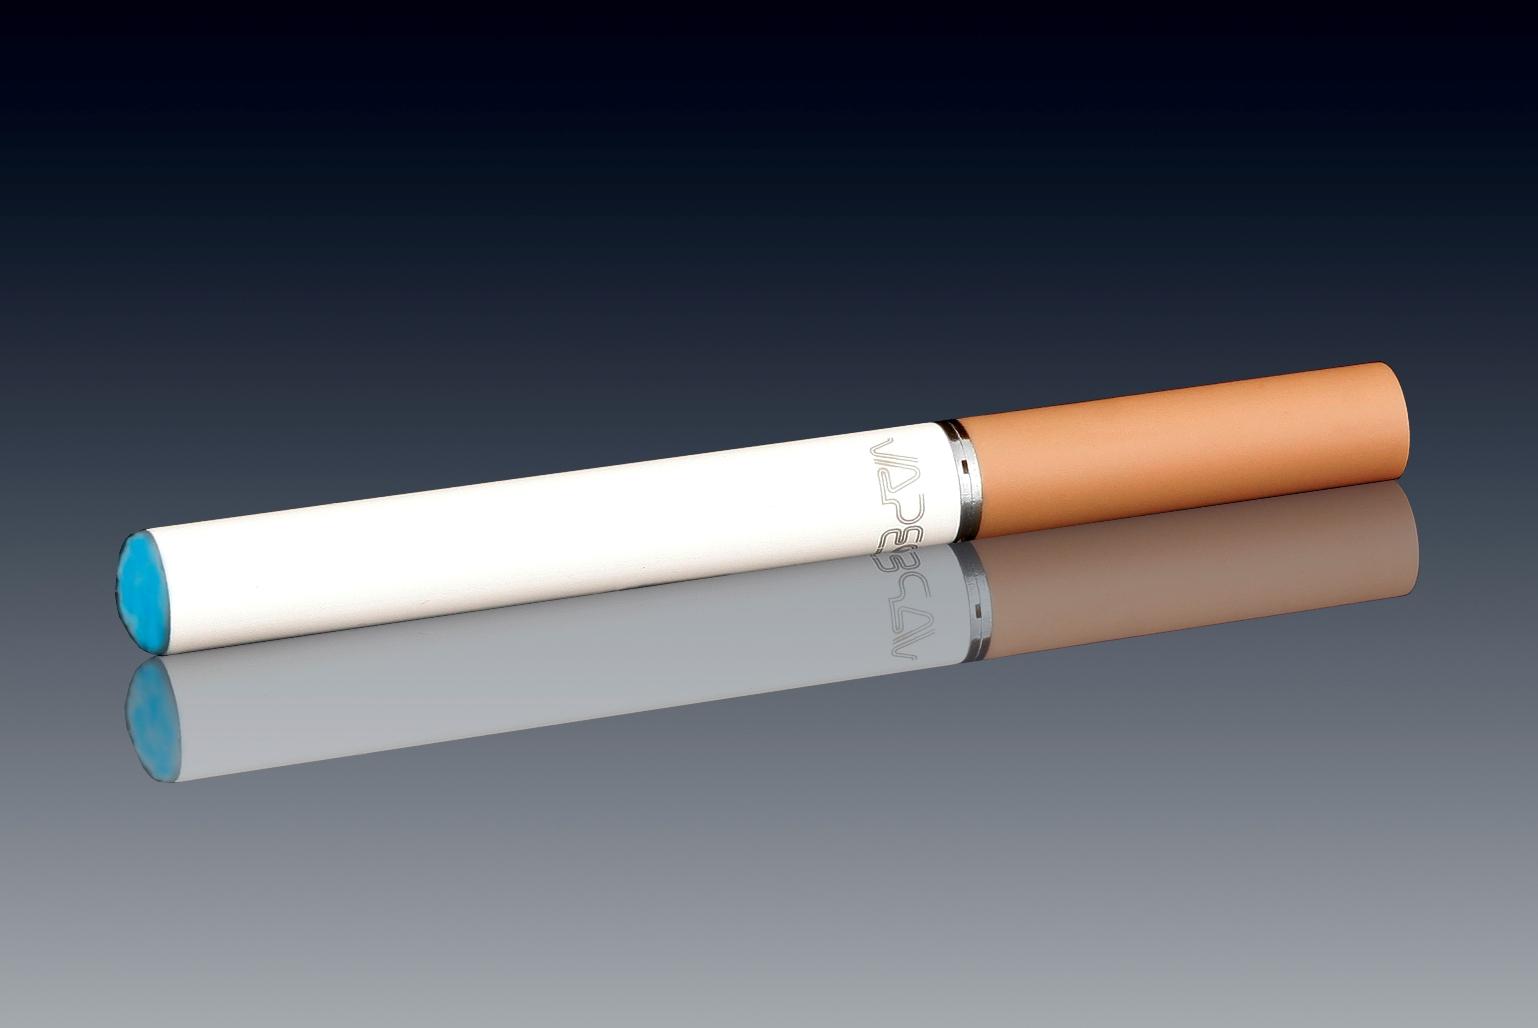 Snyder Signals Possible Veto Of E Cigarette Bills